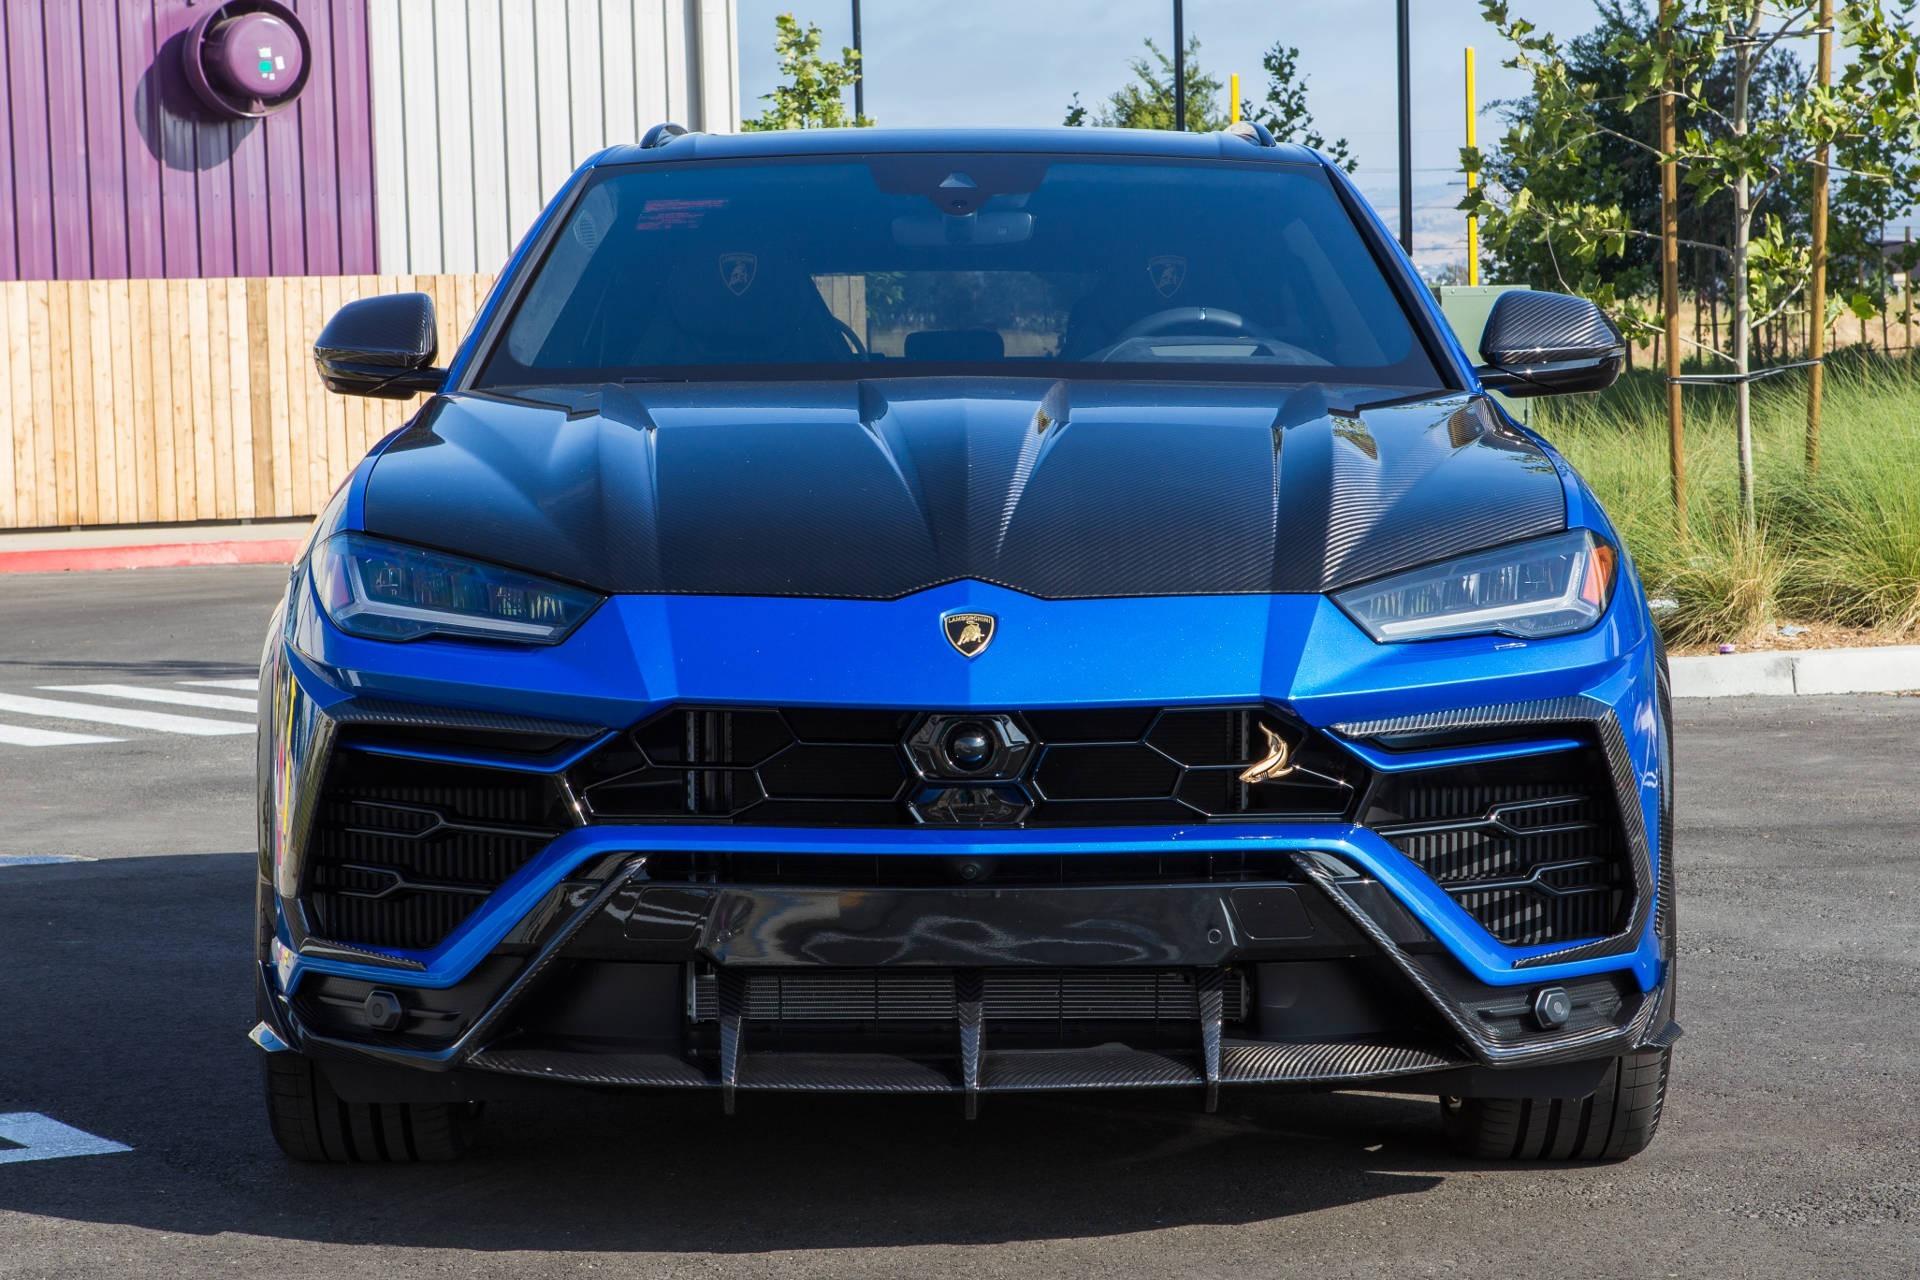 Lamborghini Urus Blue Shark 2019